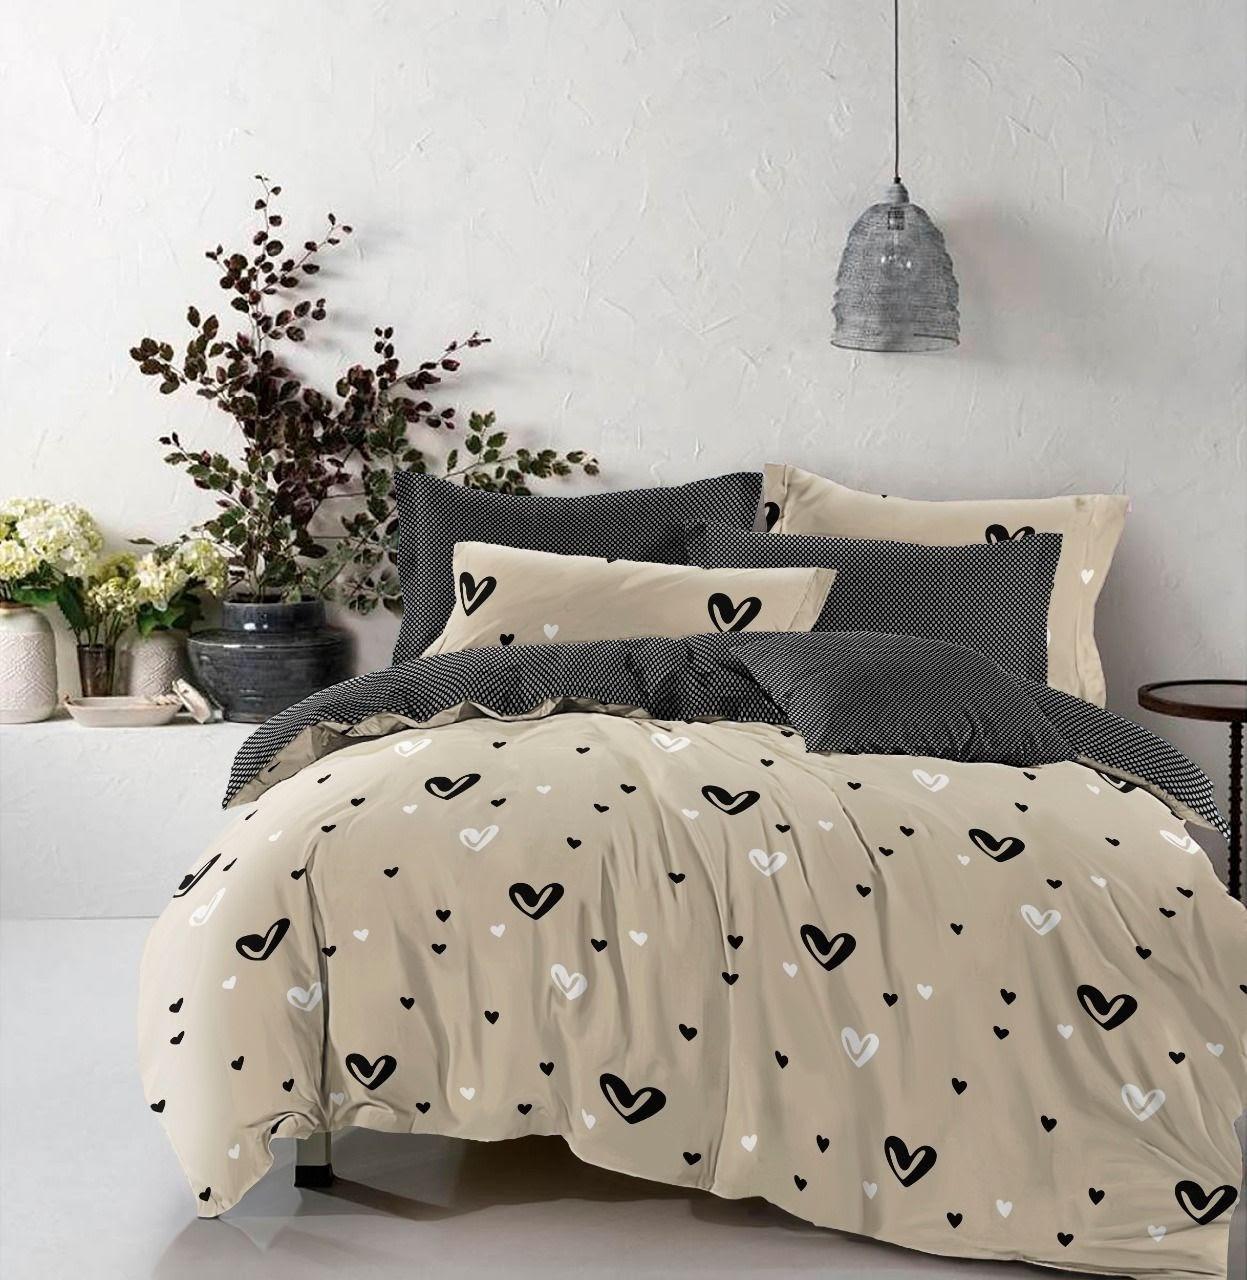 Комплект постельного белья Бязь Голд полуторка, двойка, эвро, семья Виктория